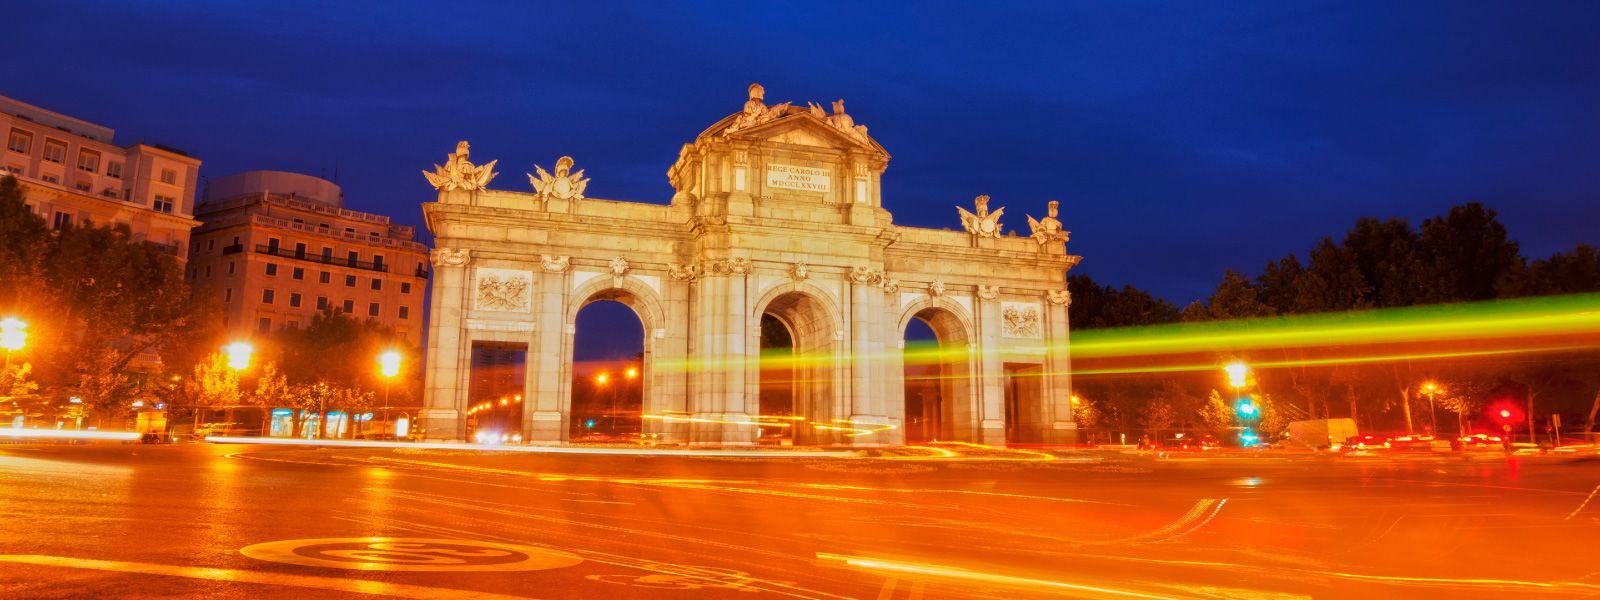 Madrid Puerta de Alcalá - Guías Turísticos